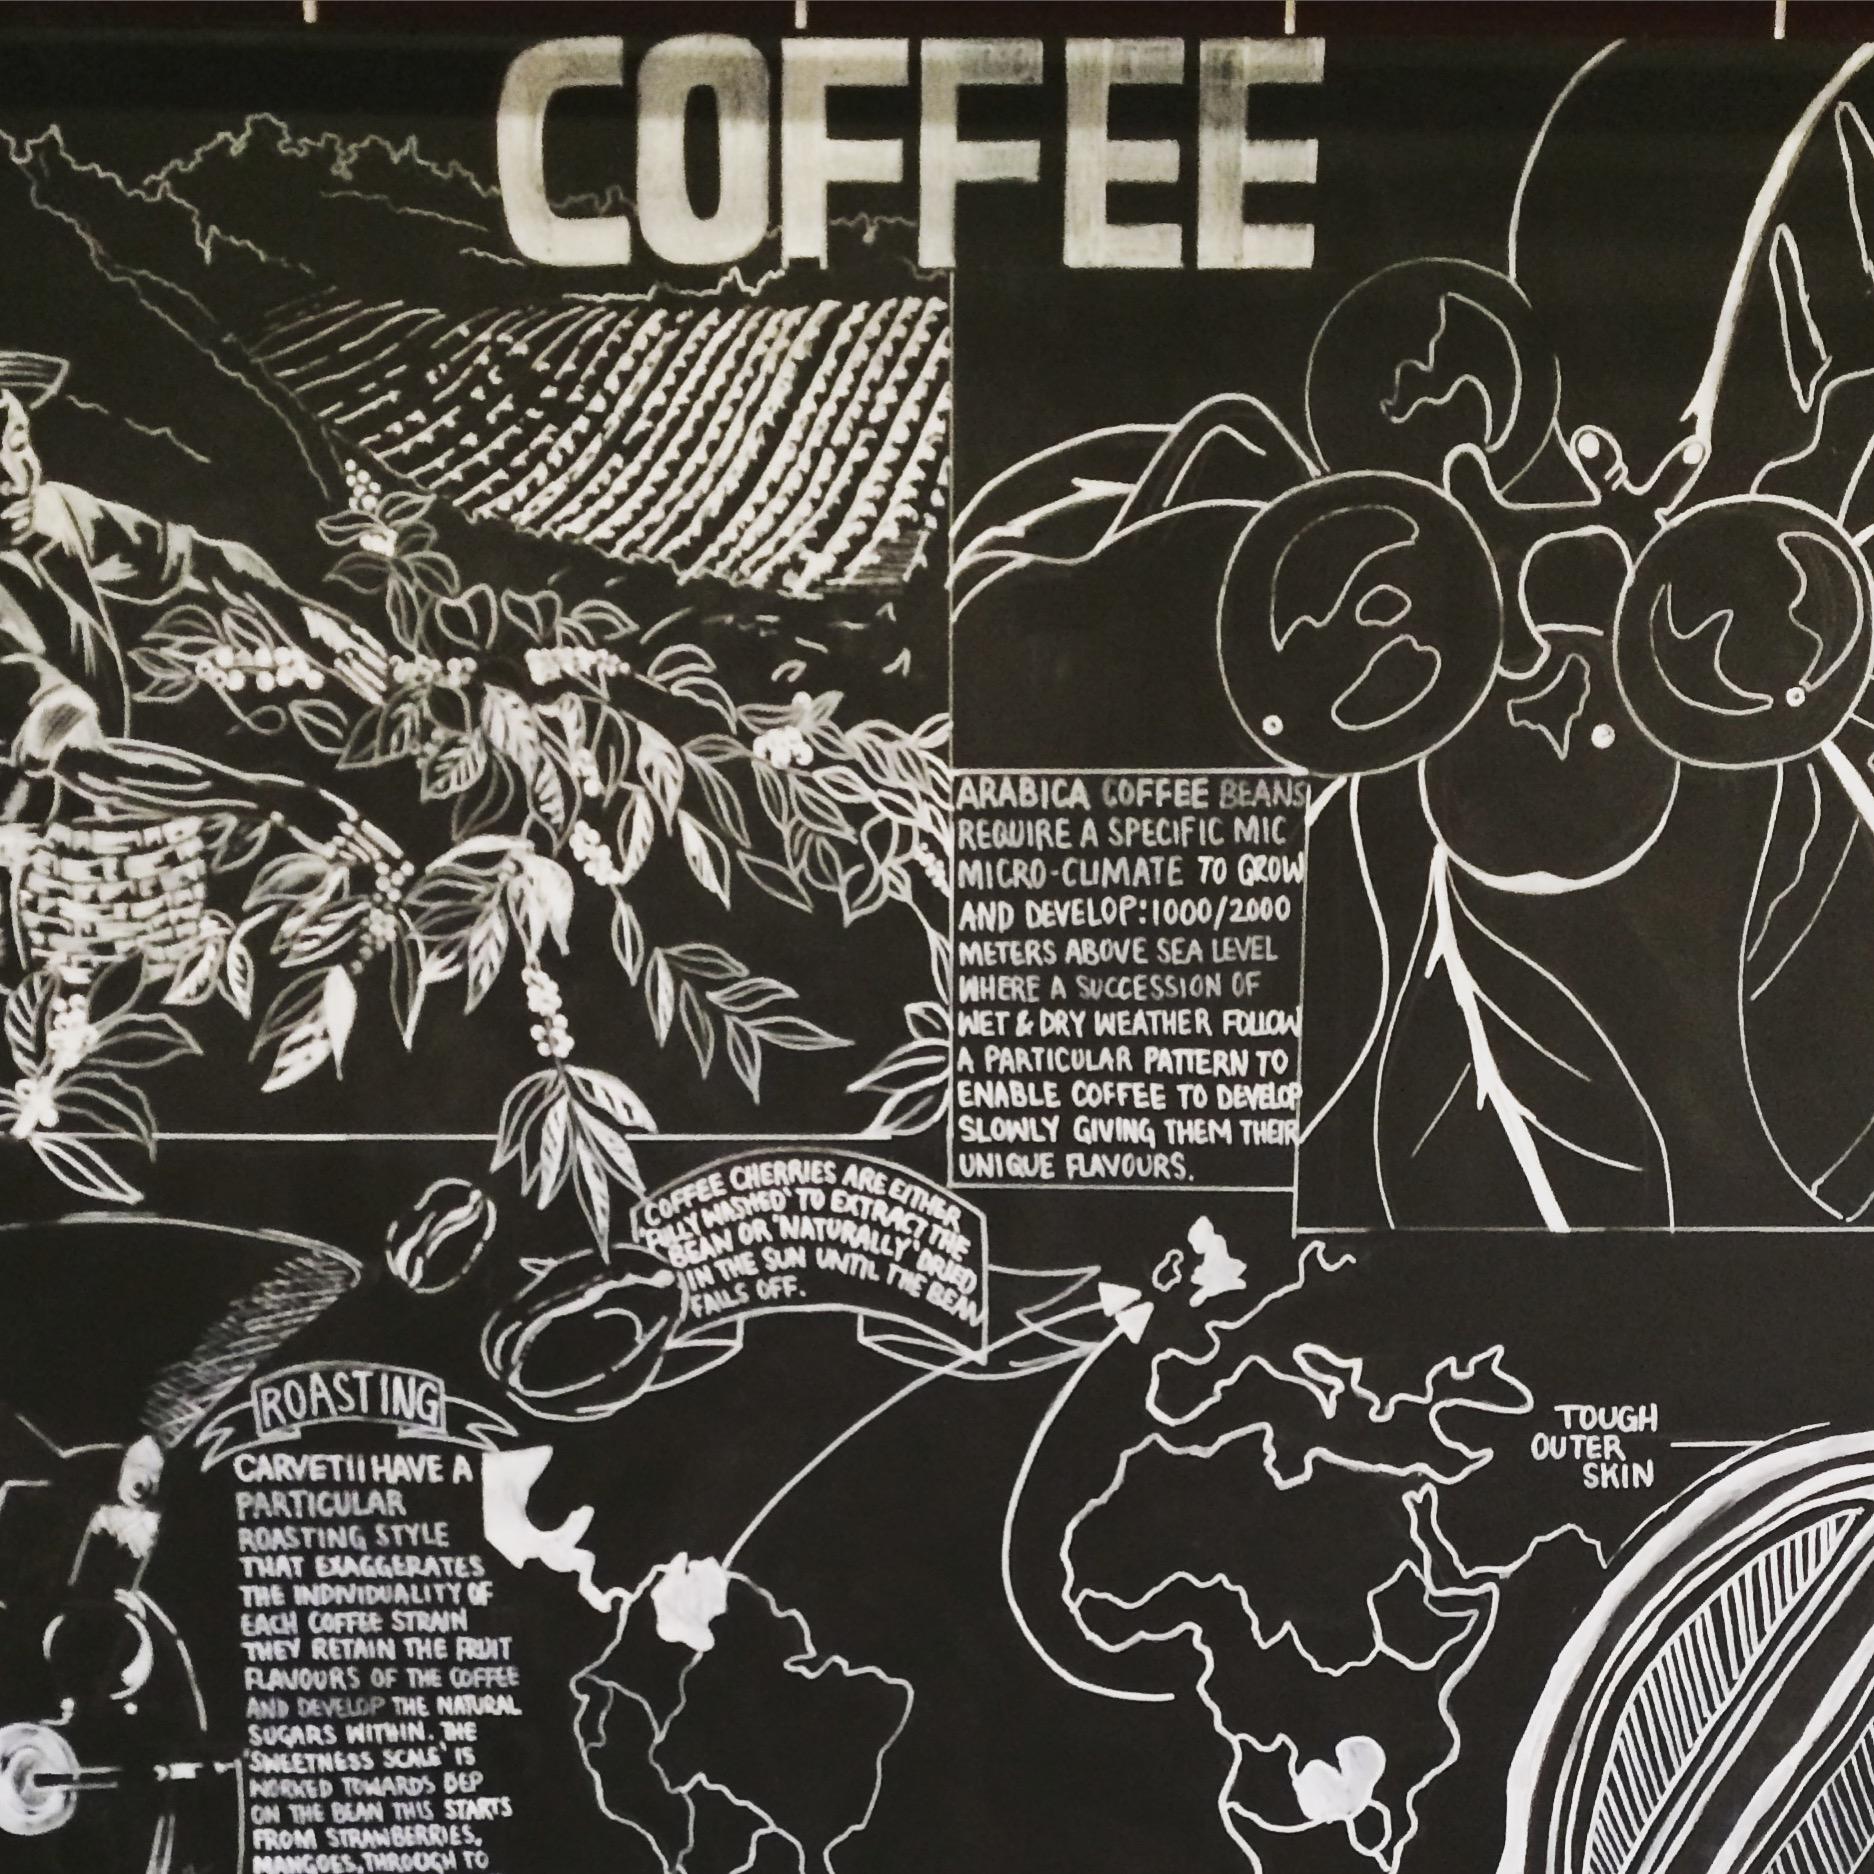 Coffee Wall Display: Taste, Rheged Centre via @carvetiicoffee